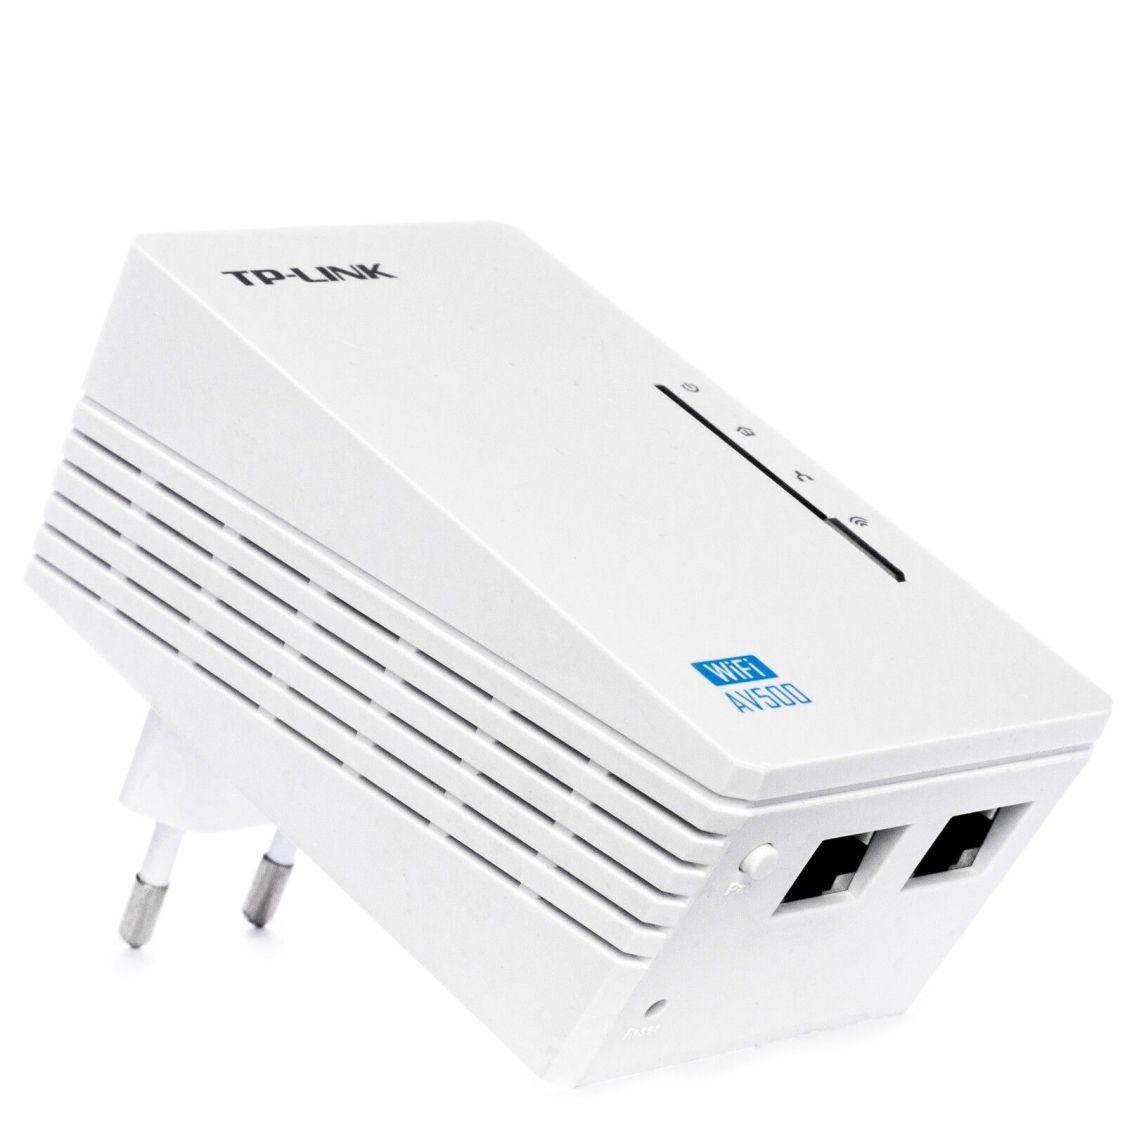 TP-LINK TL-WPA4220 AV500 WIFI WLAN Powerline Adapter Netzwerkadapter